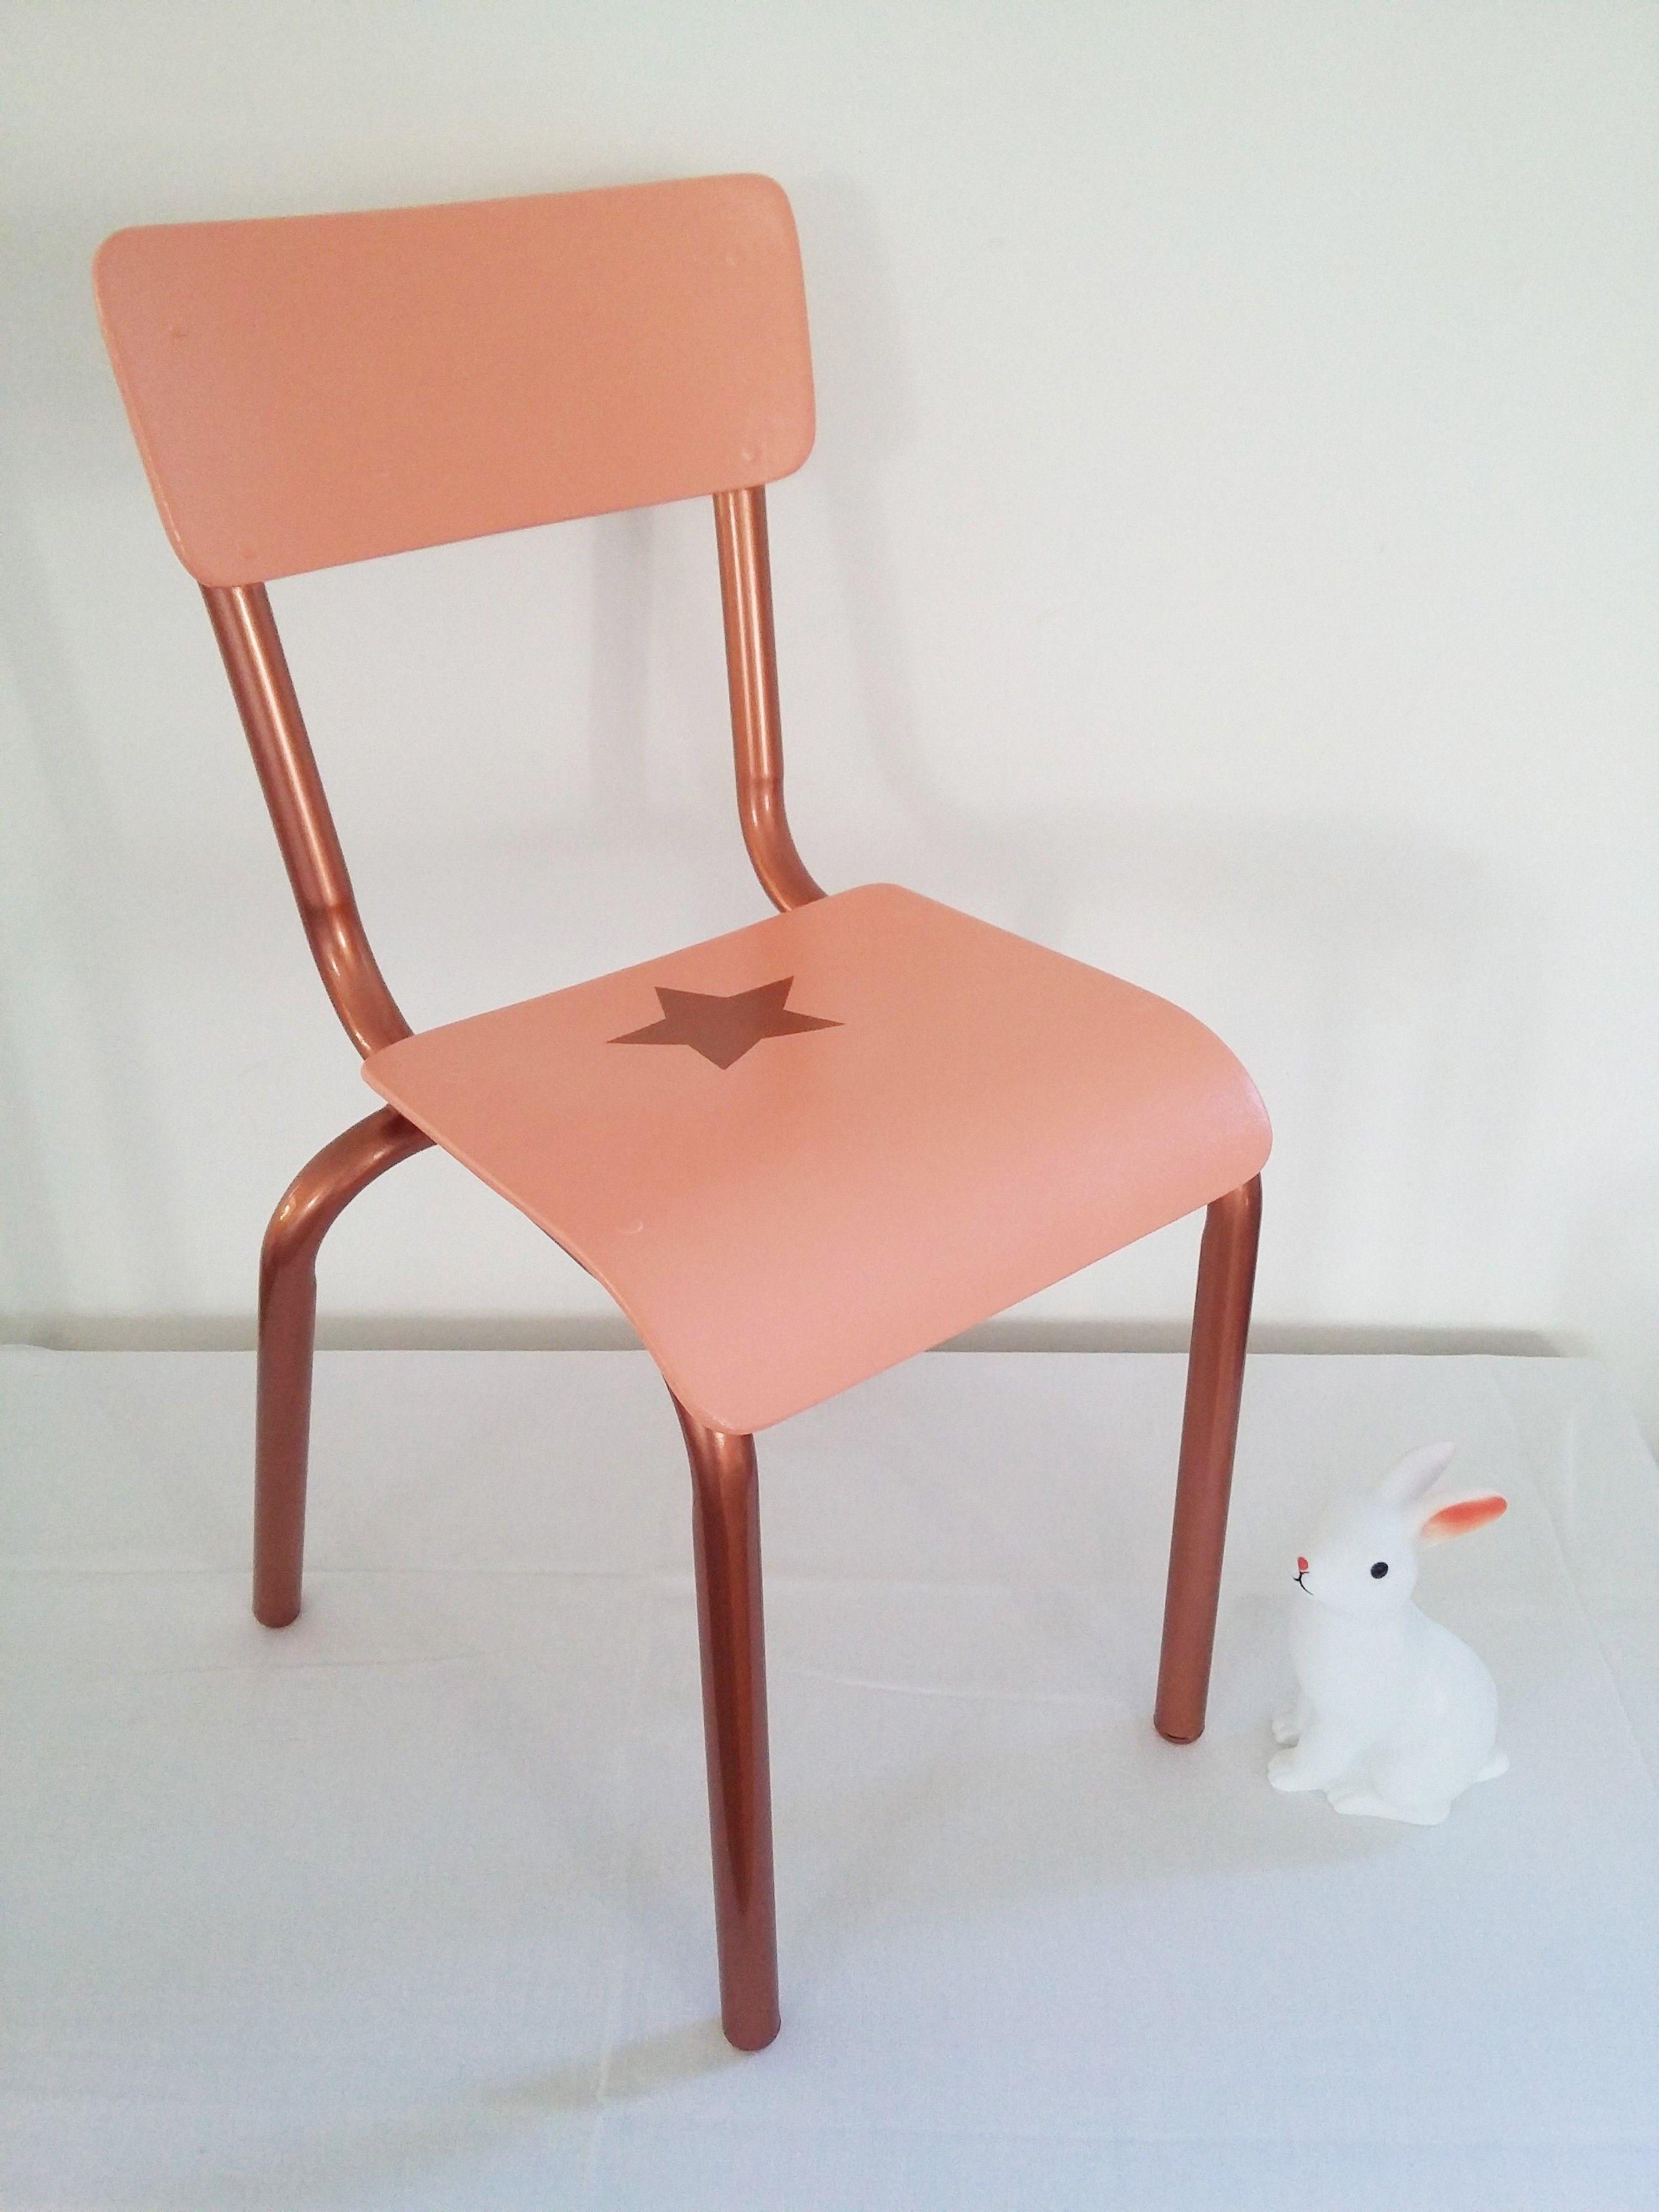 Chaise Decolier Maternelle Vintage Annees 60 Cuivre Rose Doccasion Design Scandinave Industriel Ancien Vendu Sur Collector Chic Depot Vente